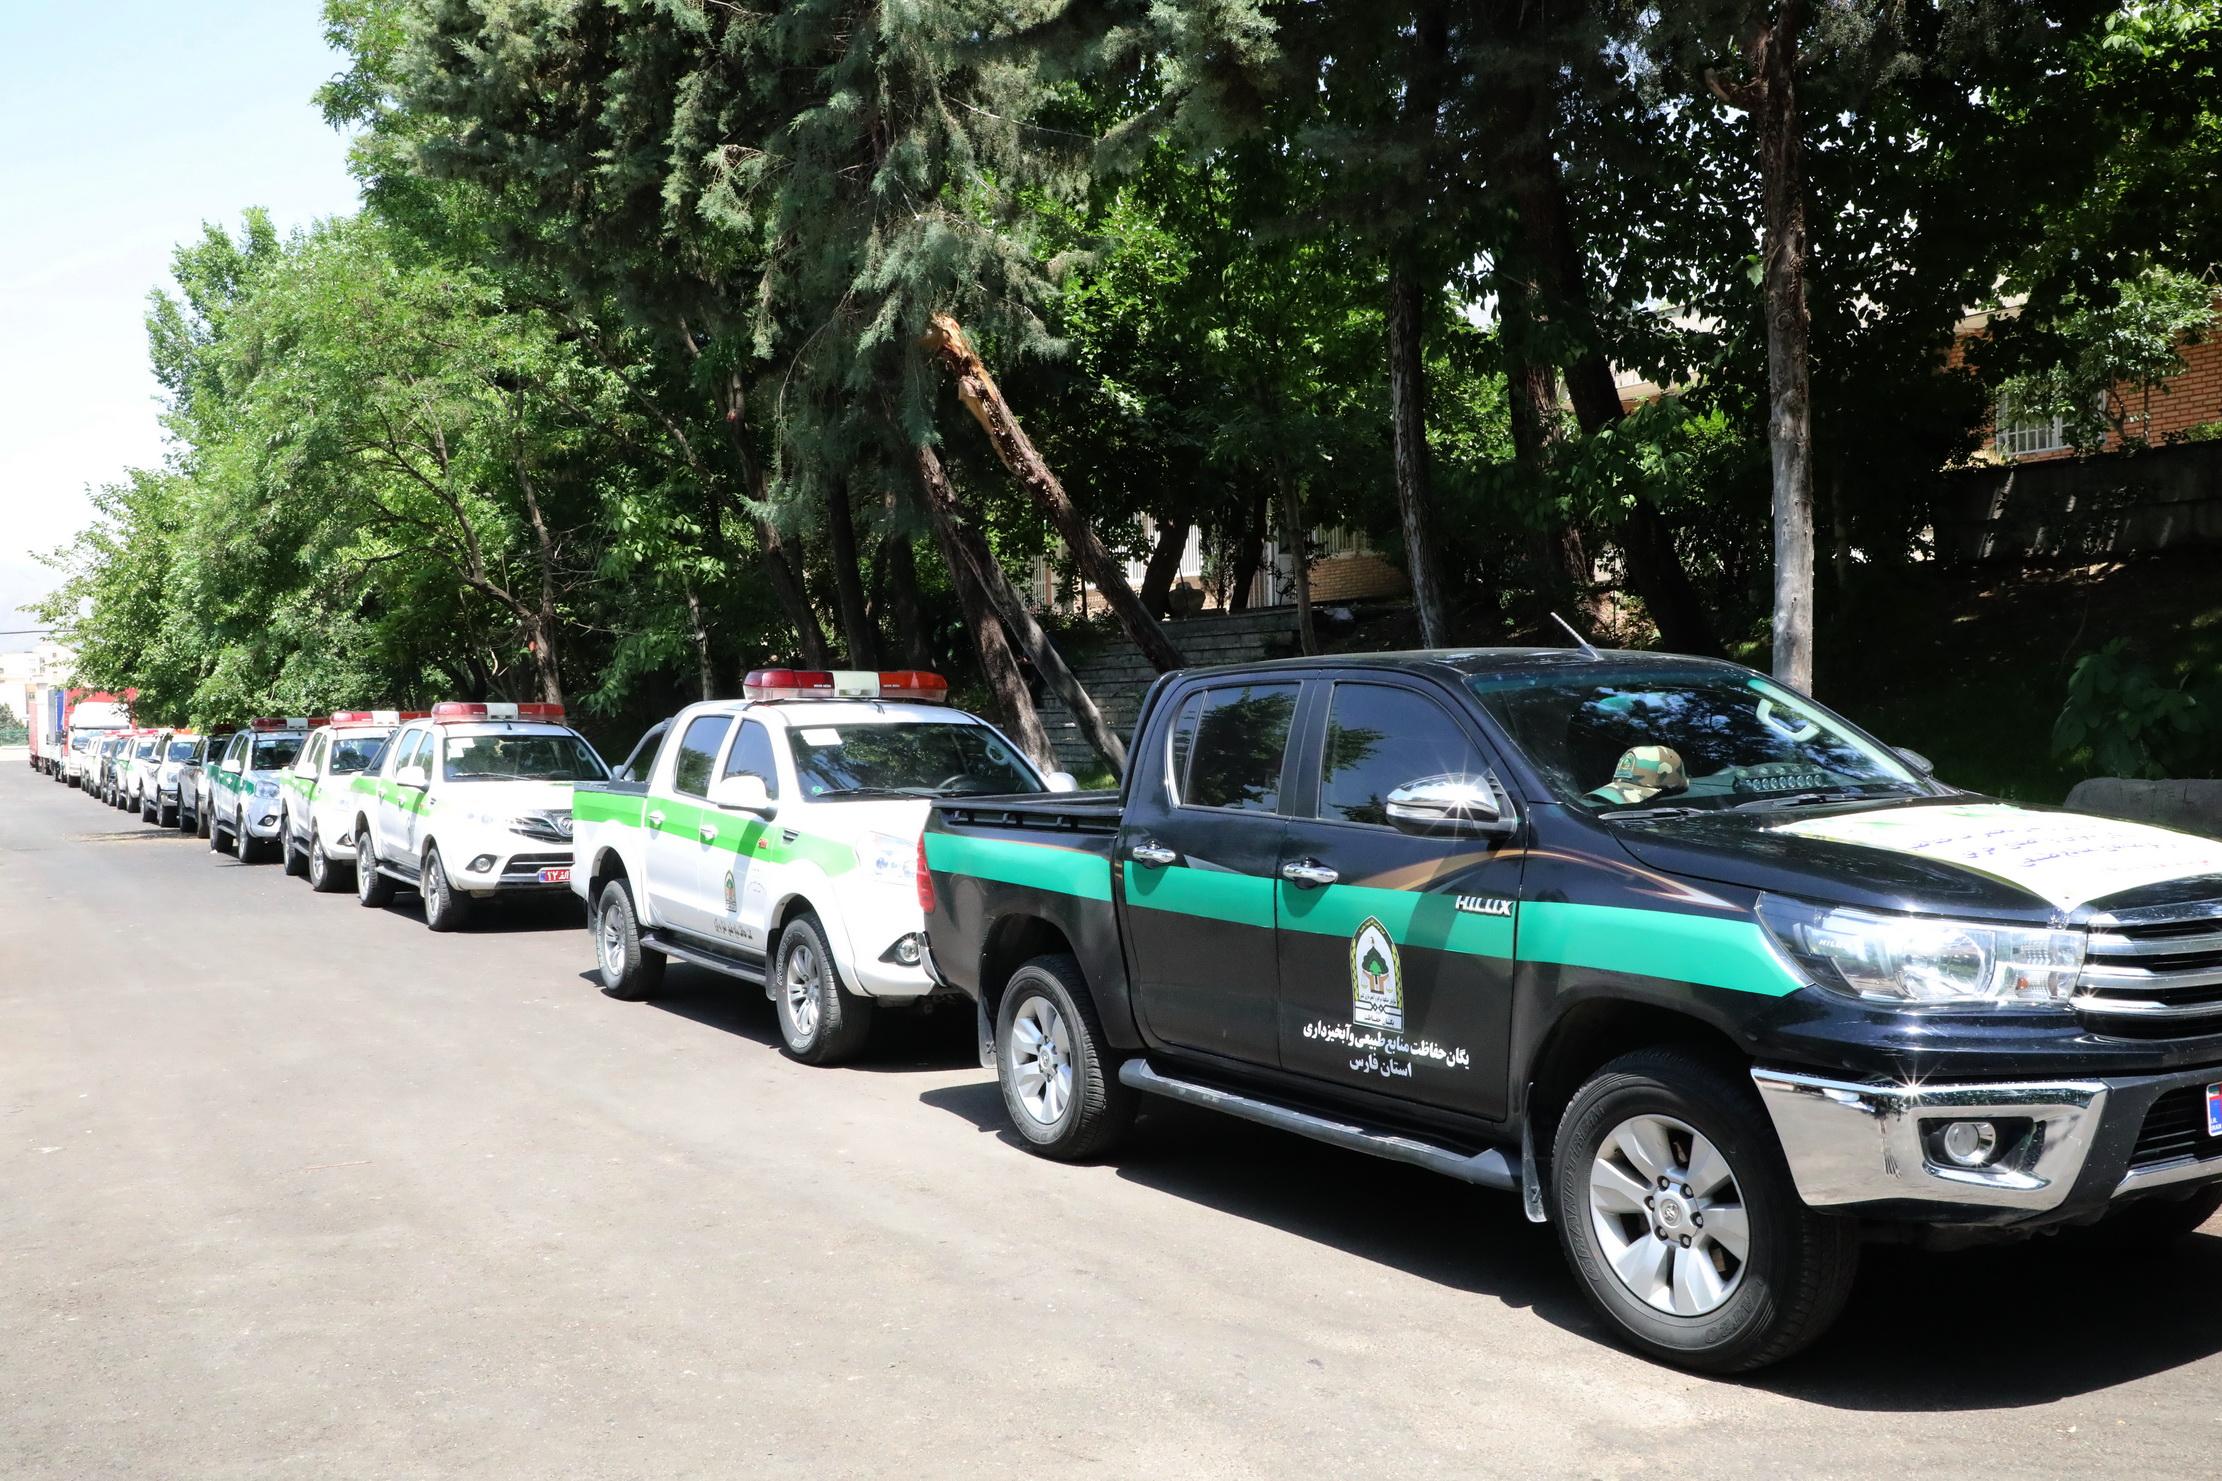 ارسال تجهیزات اطفای حریق جنگل ها به 24 استان 2